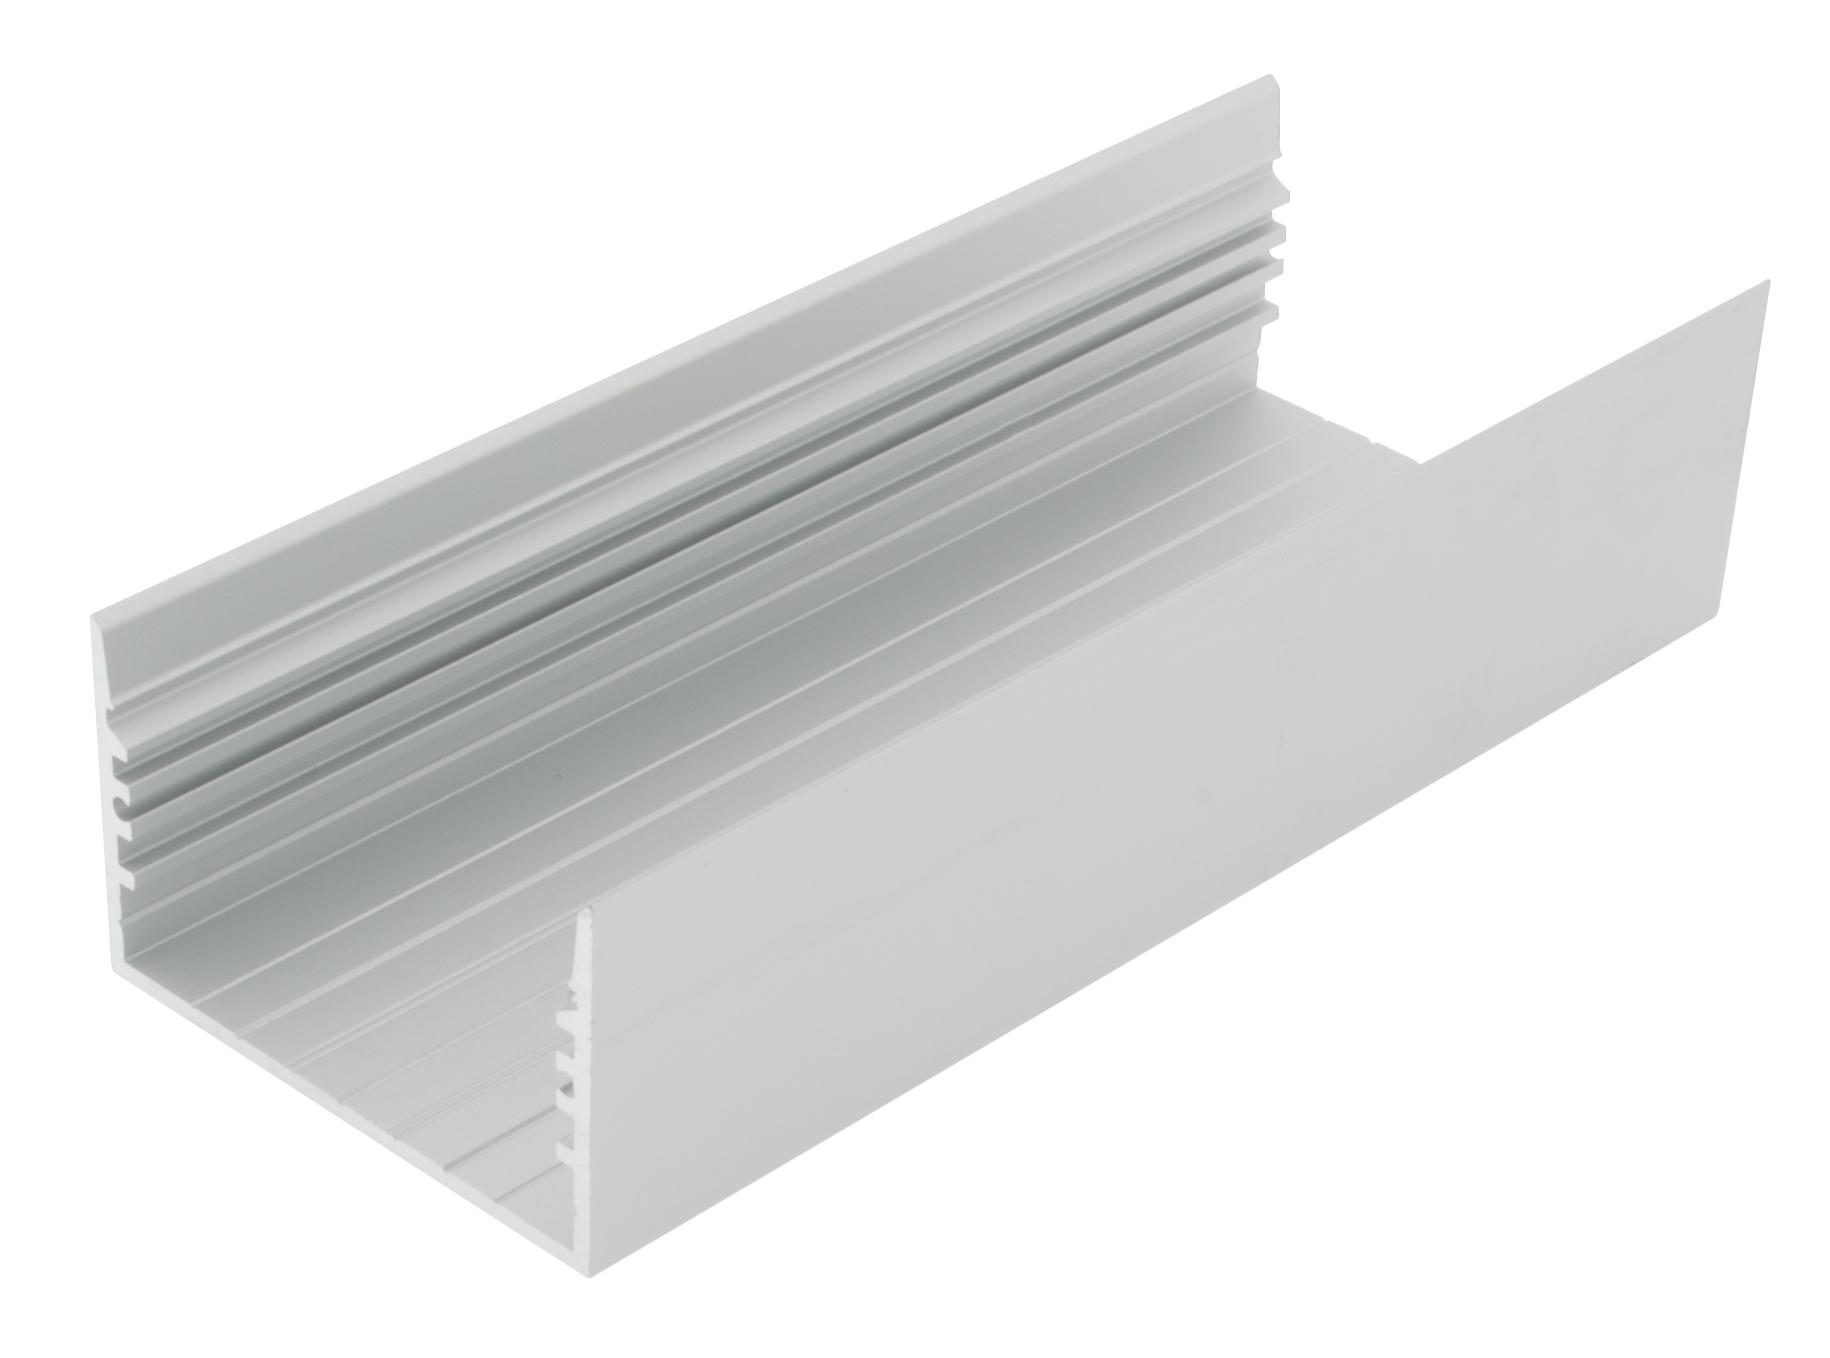 2 m Aluminiumprofil SLA, L-2000mm B-60mm H-36mm LIAP003002